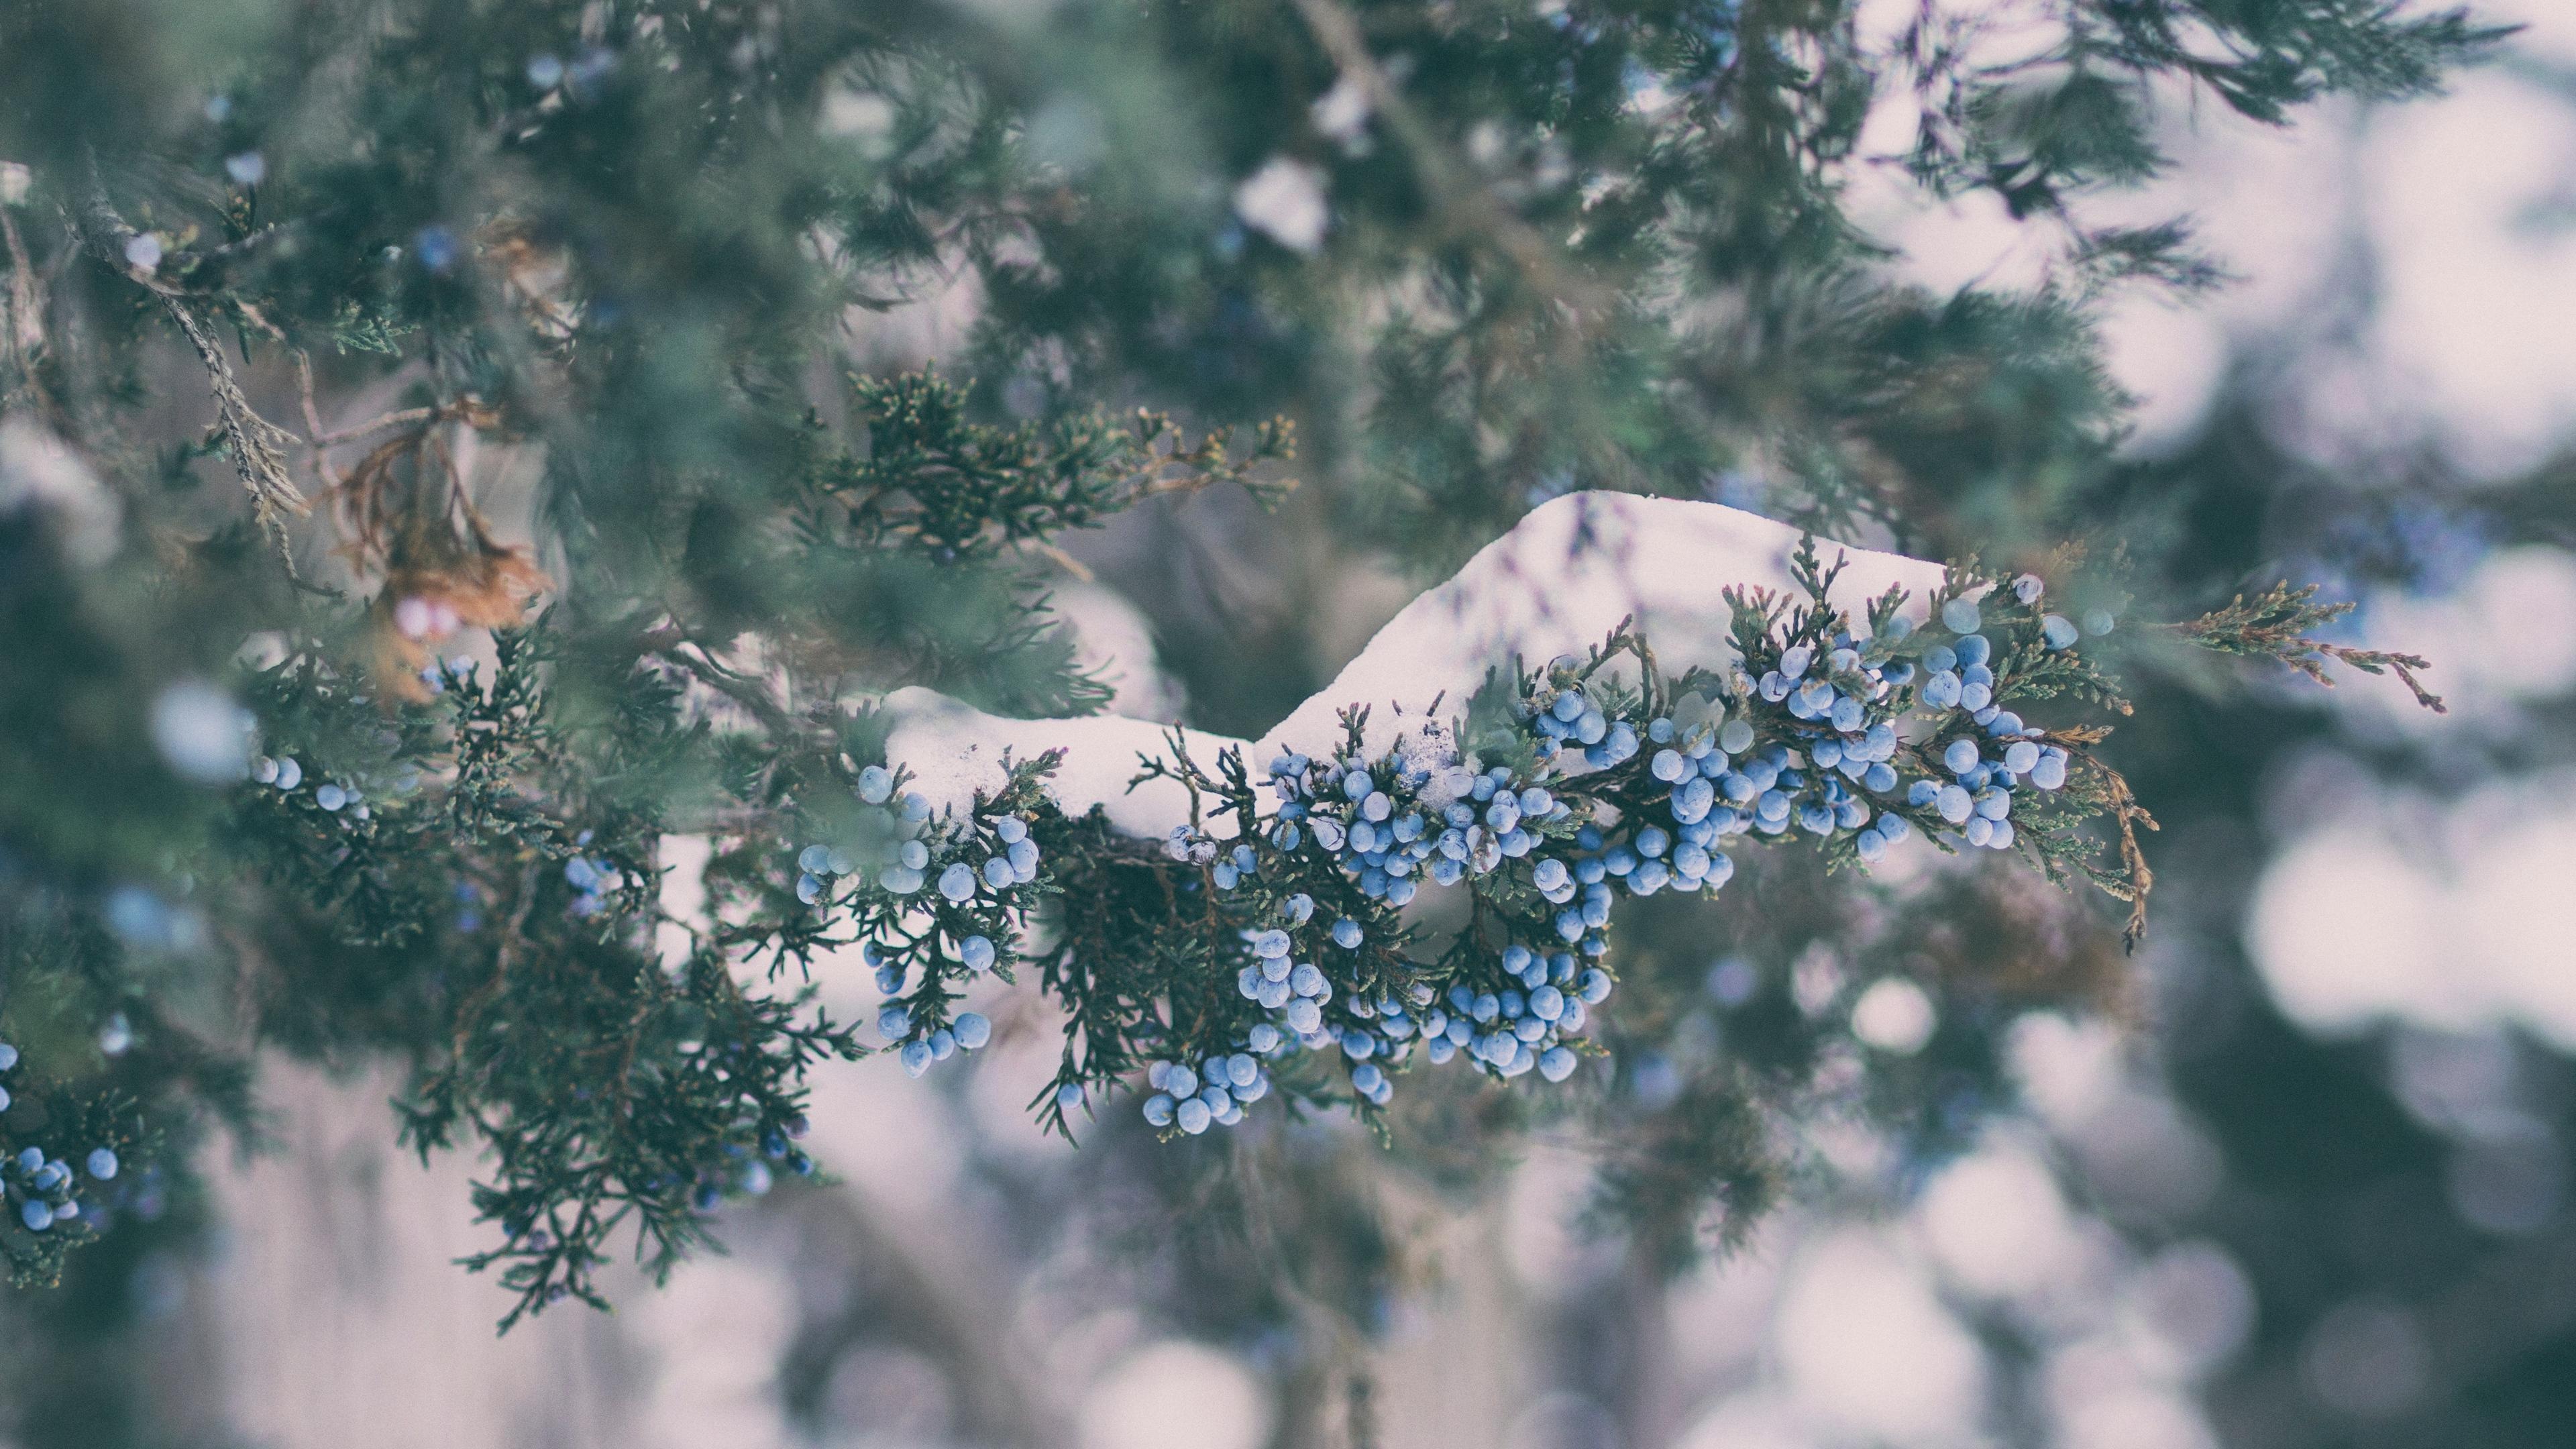 berry branch glare 4k 1541116369 - berry, branch, glare 4k - glare, branch, Berry